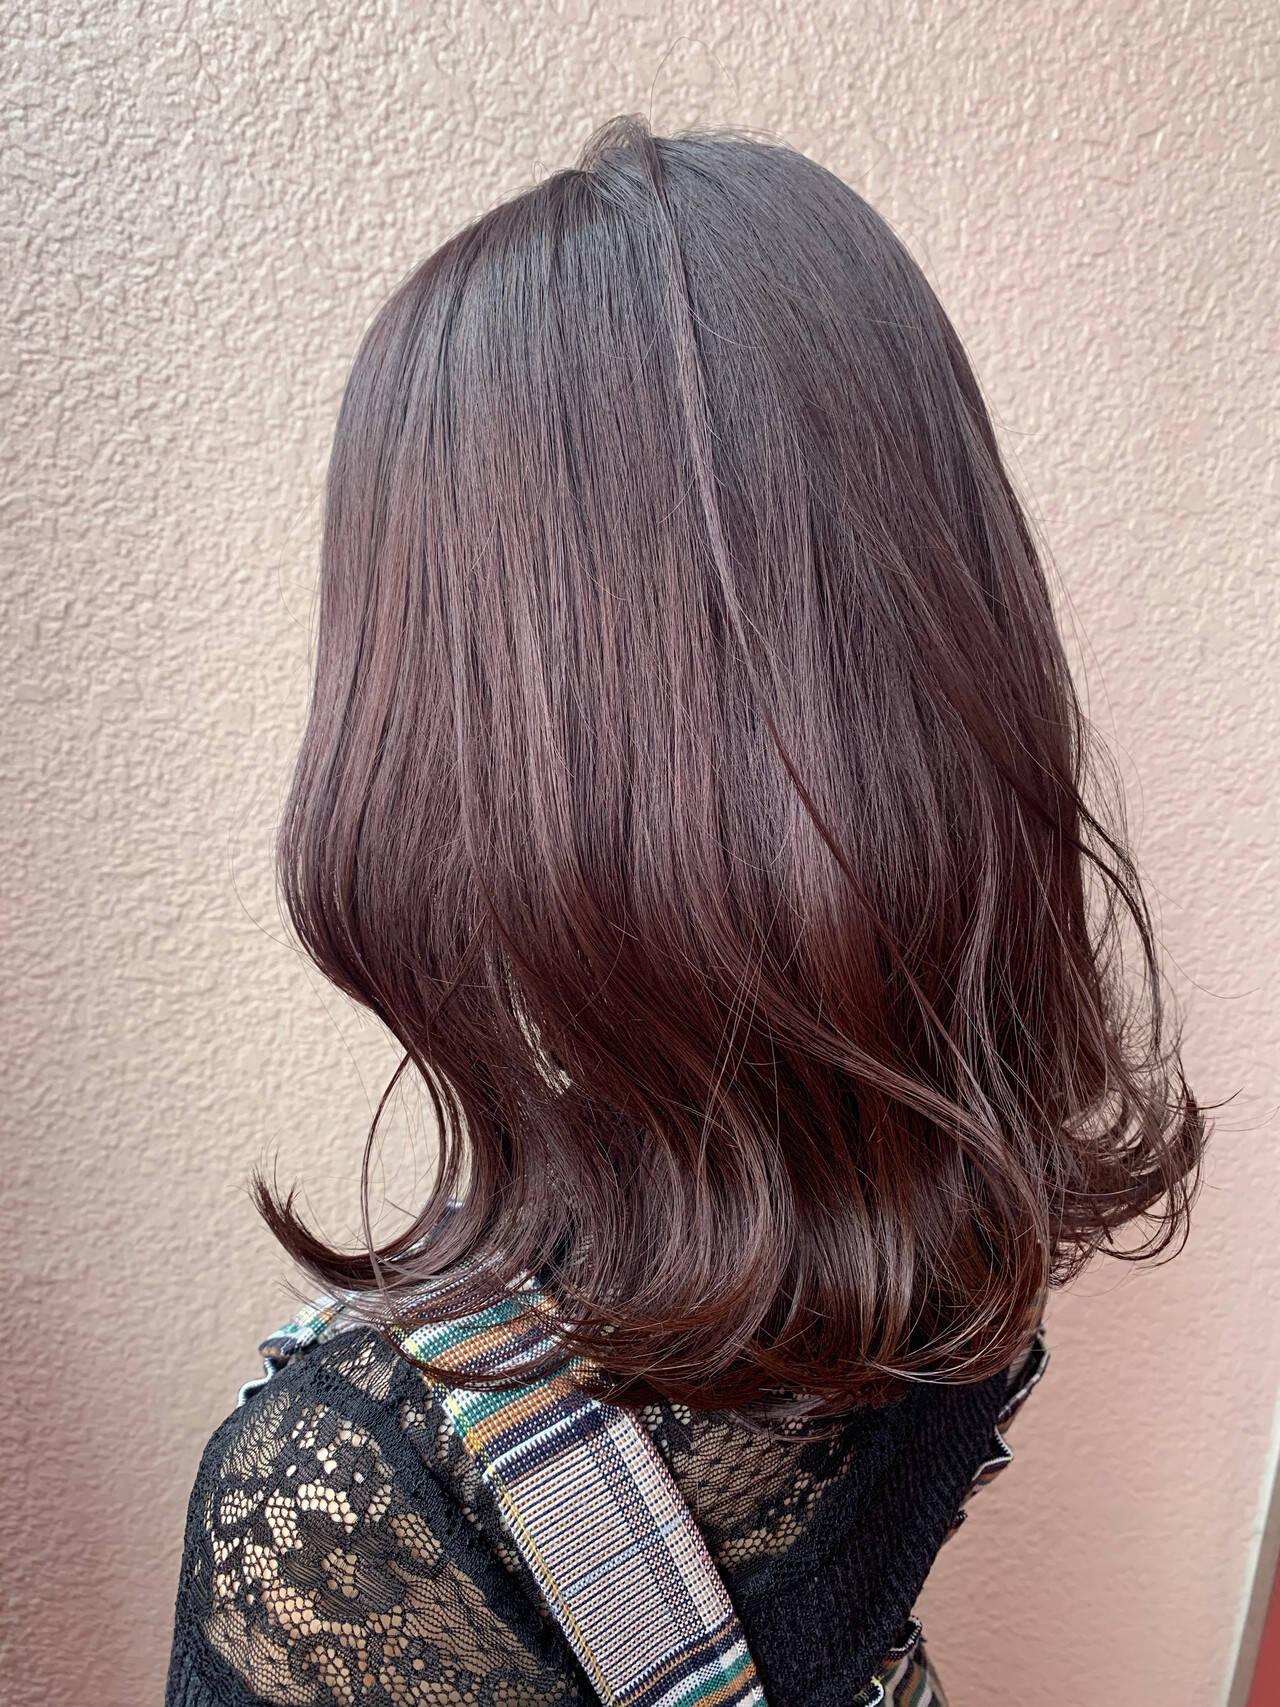 透明感 セミロング モテ髪 ニュアンスヘアスタイルや髪型の写真・画像